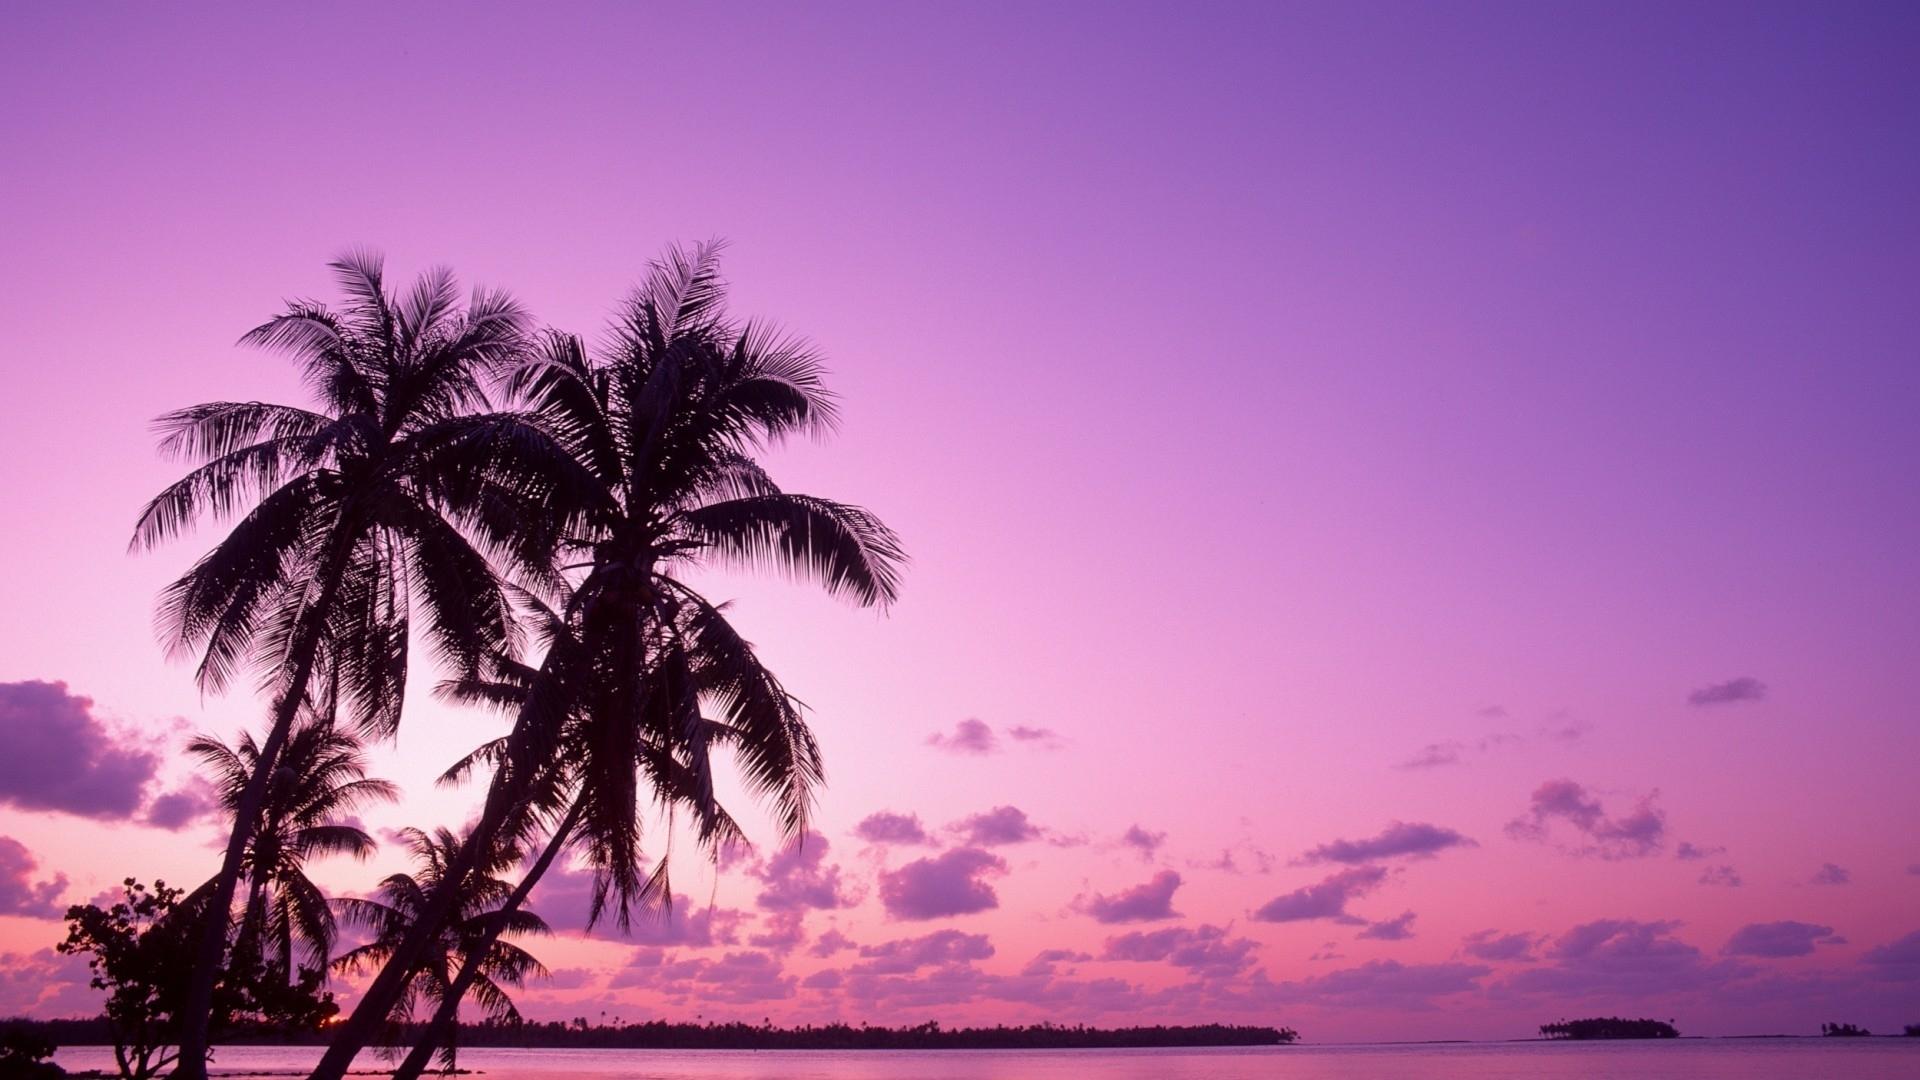 46120 скачать Фиолетовые обои на телефон бесплатно, Пейзаж, Природа, Пальмы Фиолетовые картинки и заставки на мобильный